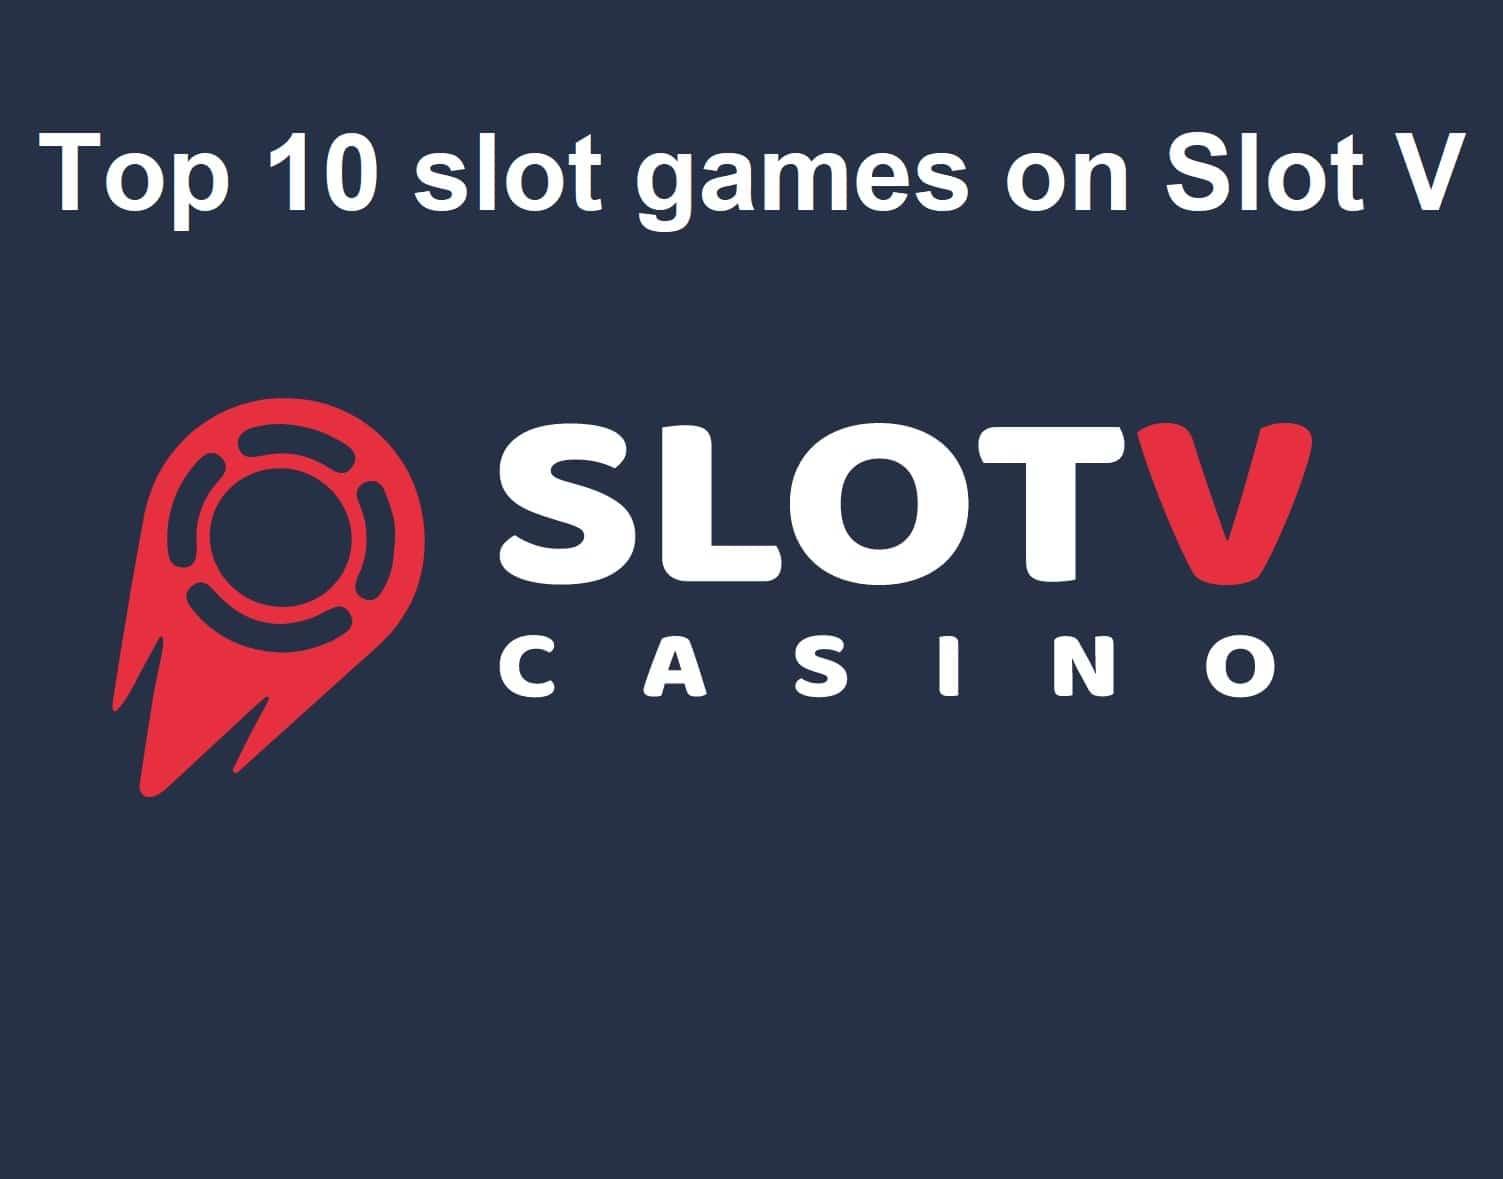 Top 10 slot machines on Slot V